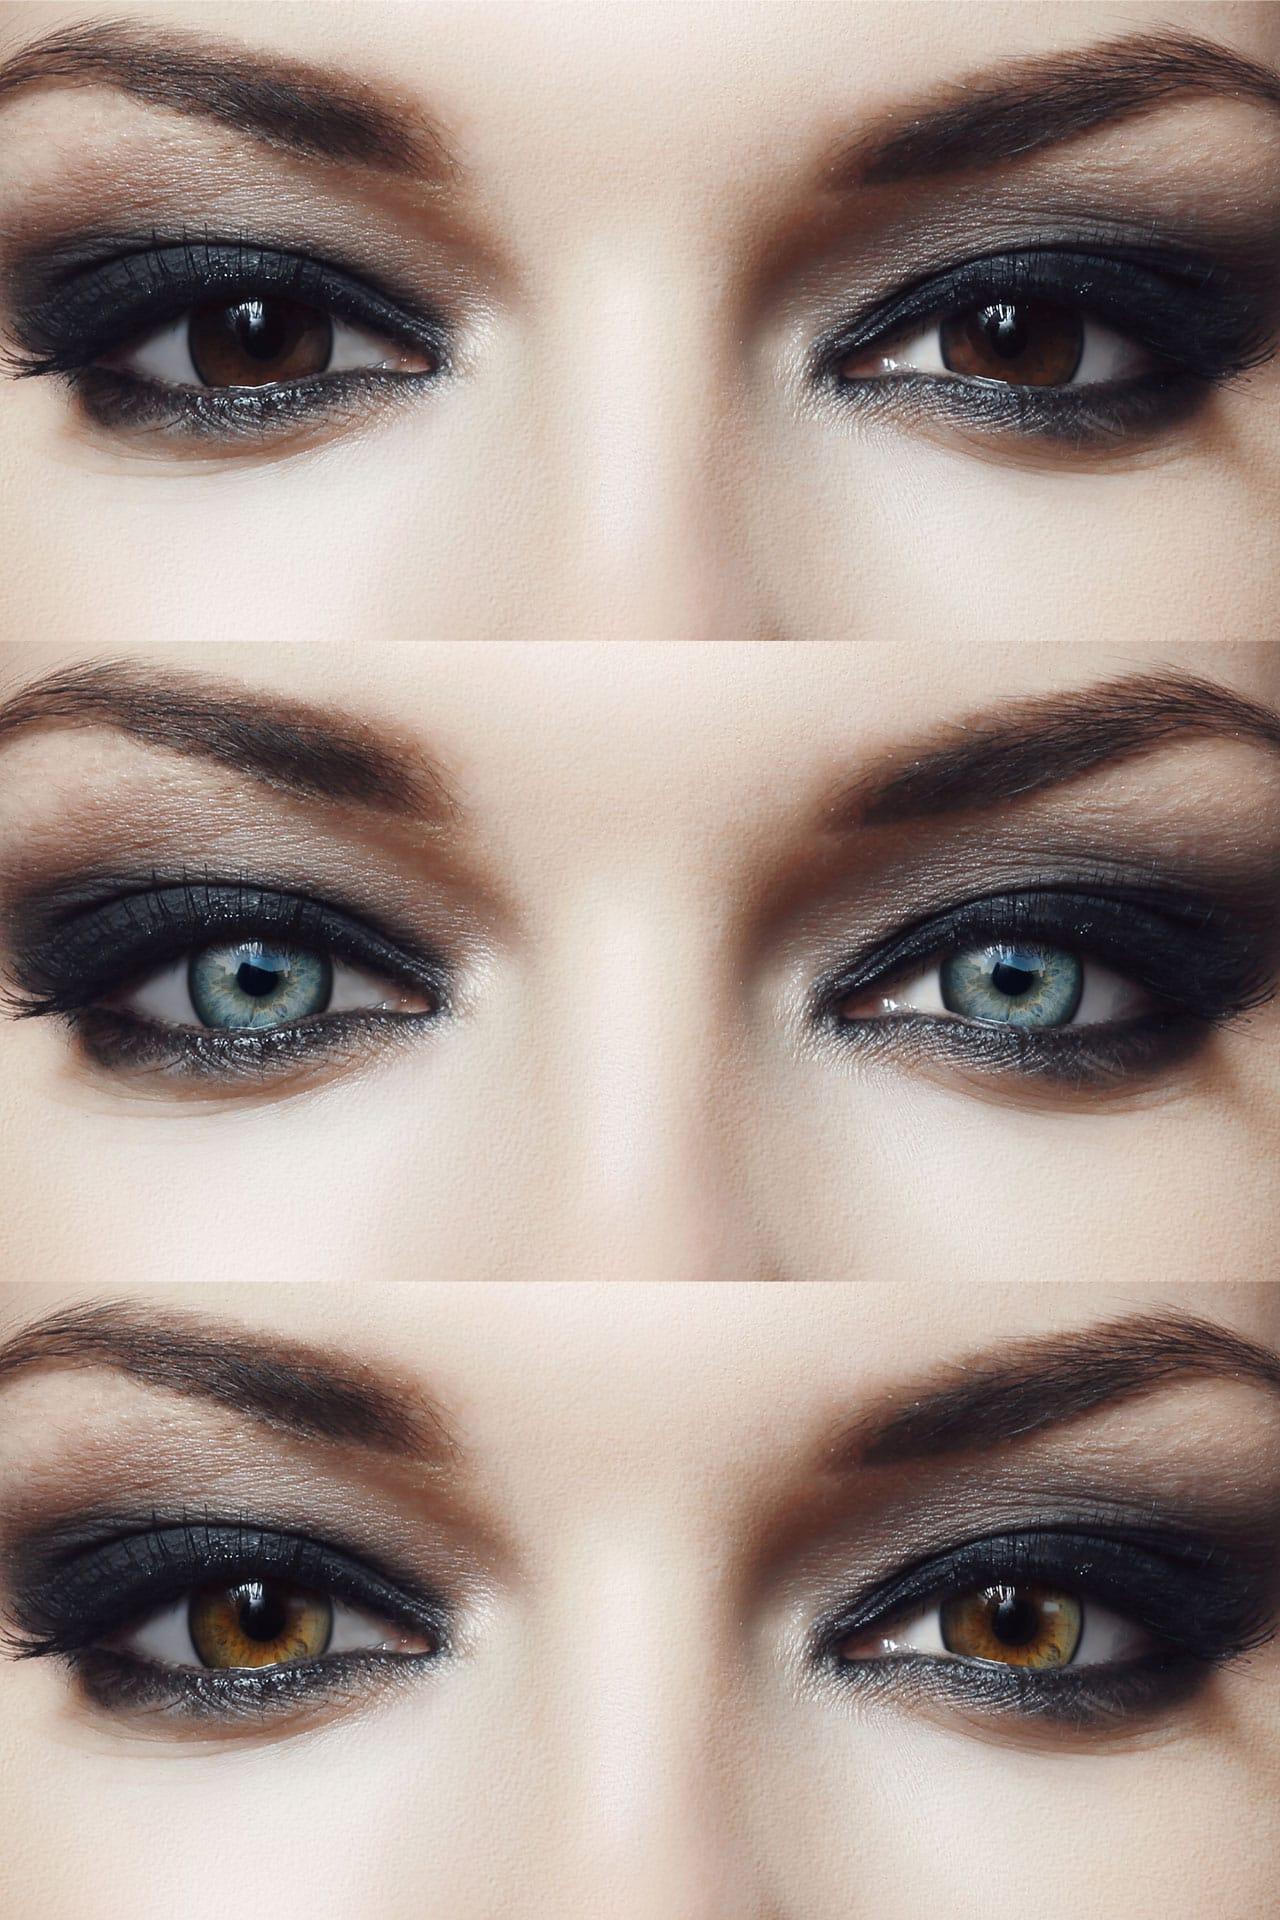 Kontaktlinsen (farbig)